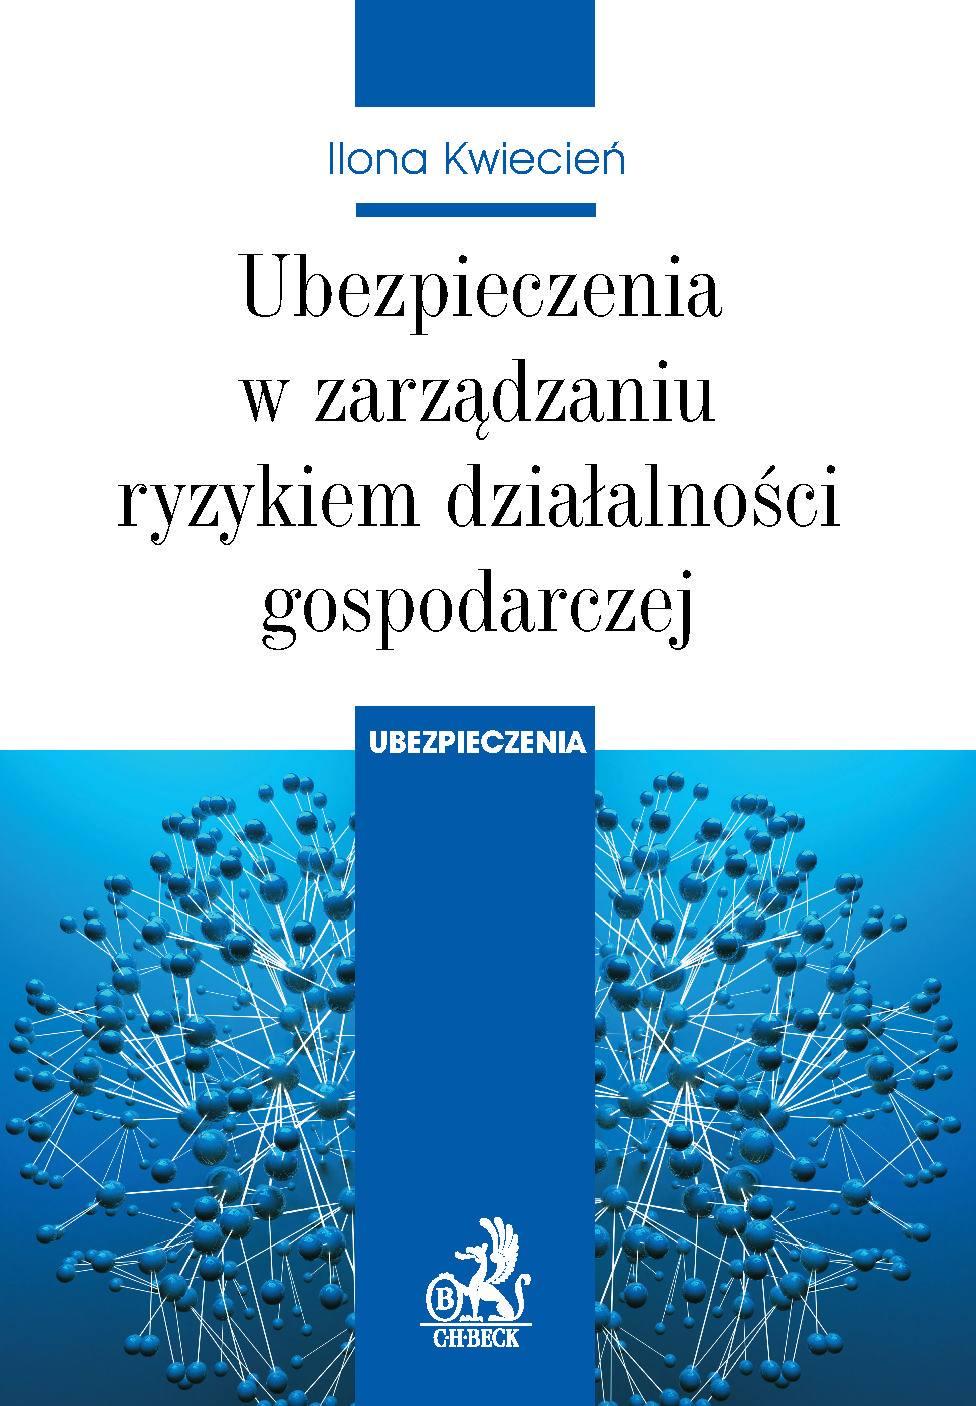 Ubezpieczenia w zarządzaniu ryzykiem działalności gospodarczej - Ebook (Książka PDF) do pobrania w formacie PDF